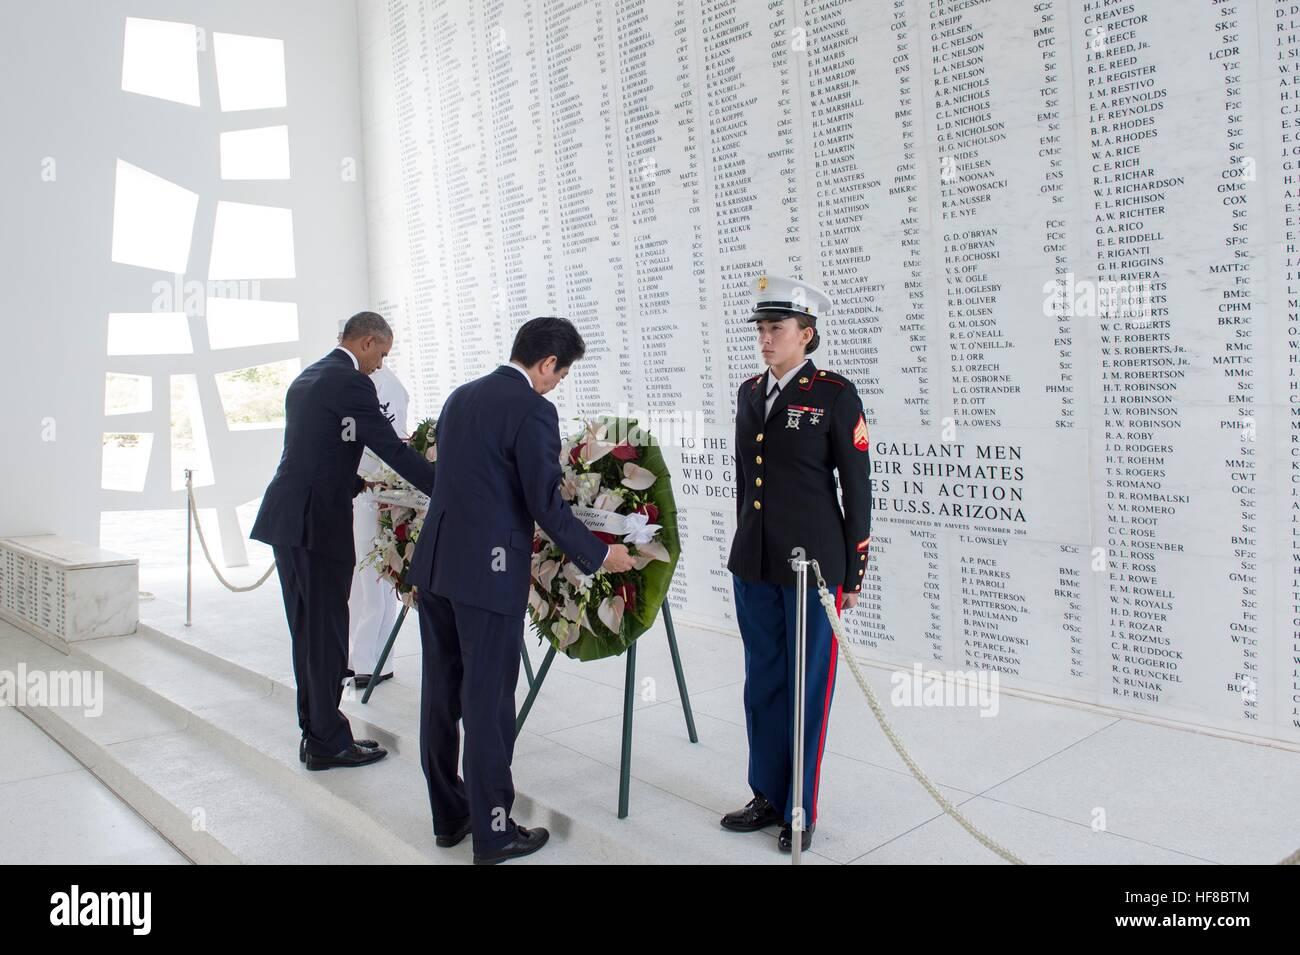 Pearl Harbour, Hawaii. 27. Dezember 2016. US-Präsident Barack Obama und der japanische Premierminister Shinzo Abe Stockfoto